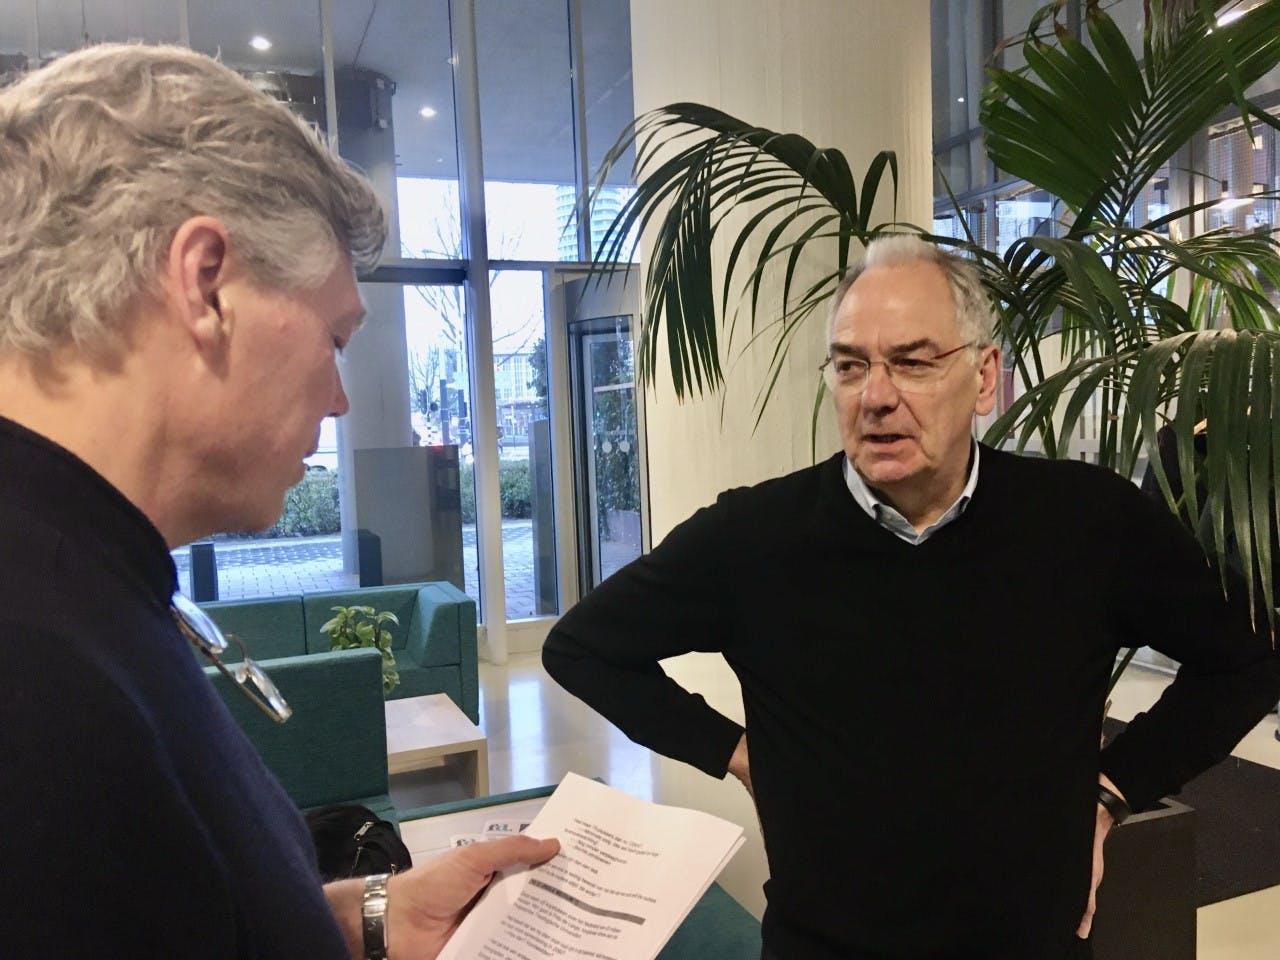 Roelof Hemmen en Frits de Lange, hoogleraar ethiek aan de Protestantse Theologische Universiteit.